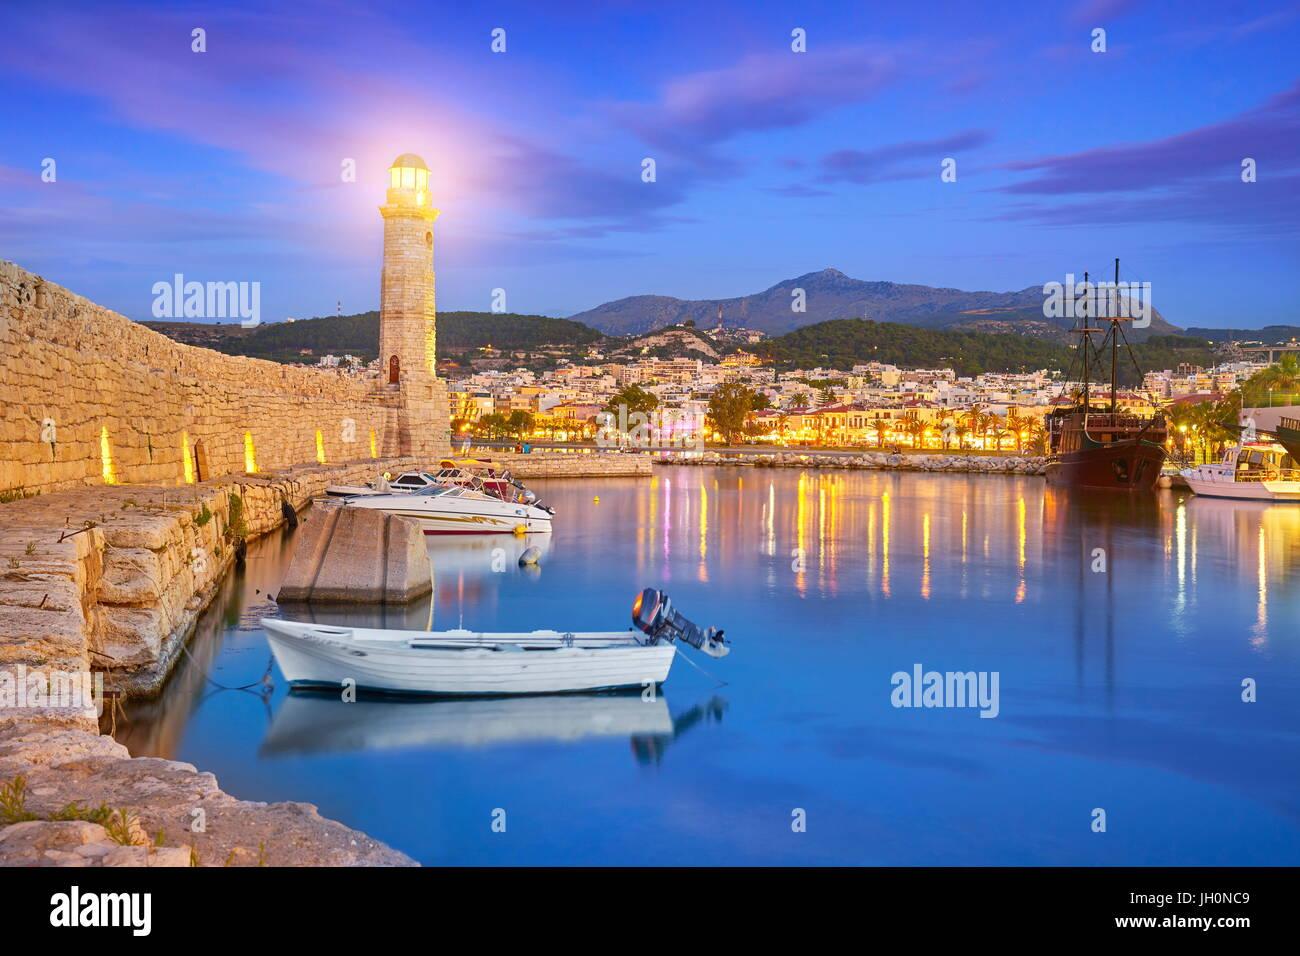 Isola di Creta - faro al vecchio porto veneziano, Rethimno, Grecia Immagini Stock